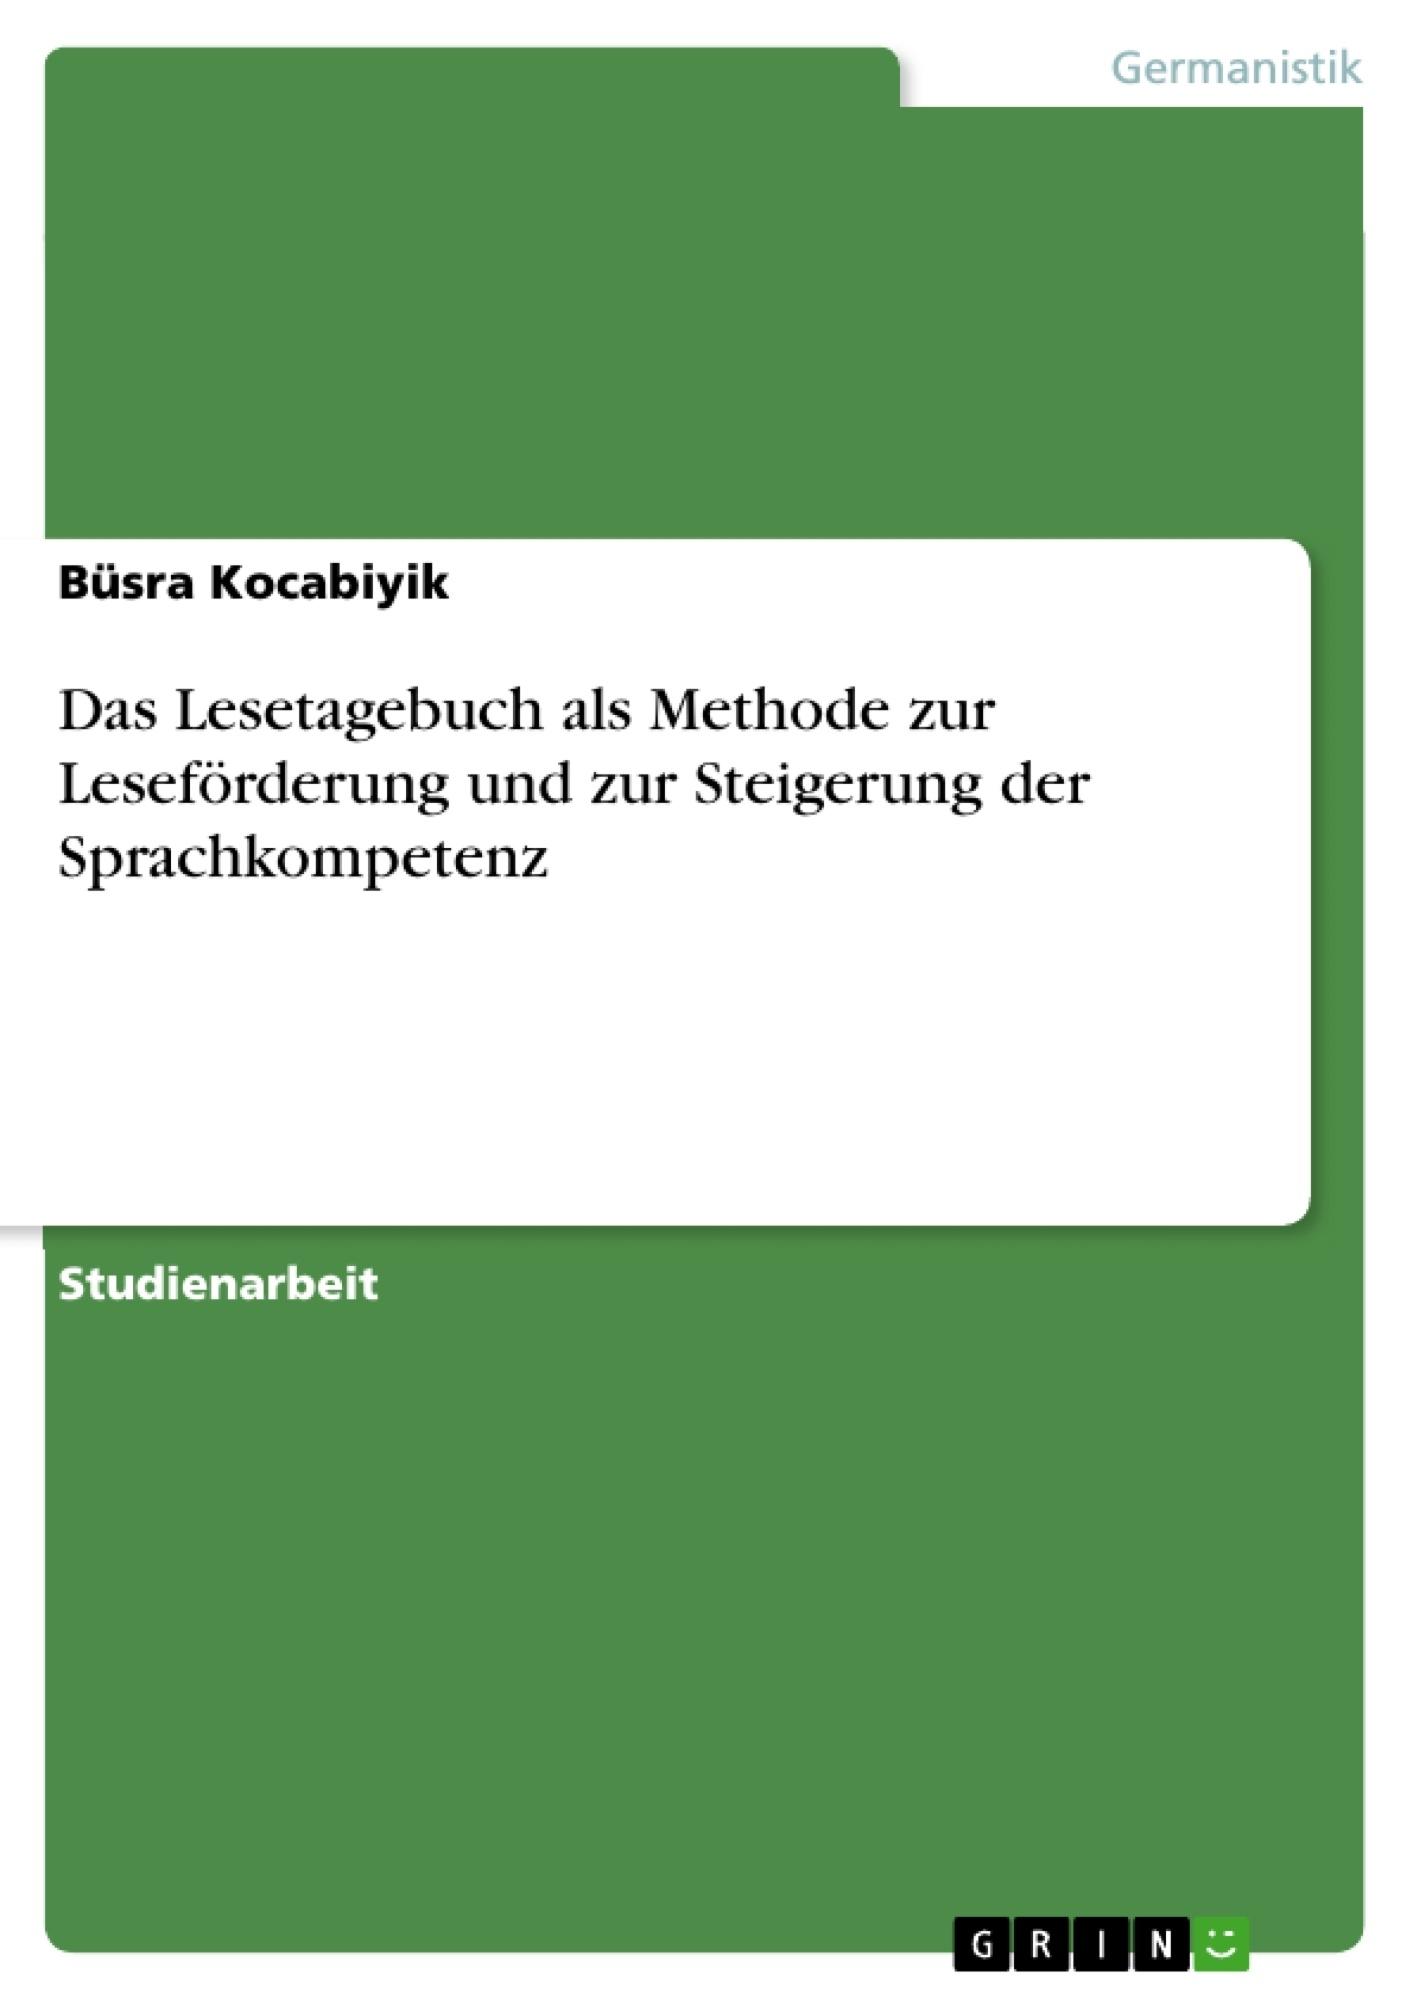 Titel: Das Lesetagebuch als Methode zur Leseförderung und zur Steigerung der Sprachkompetenz